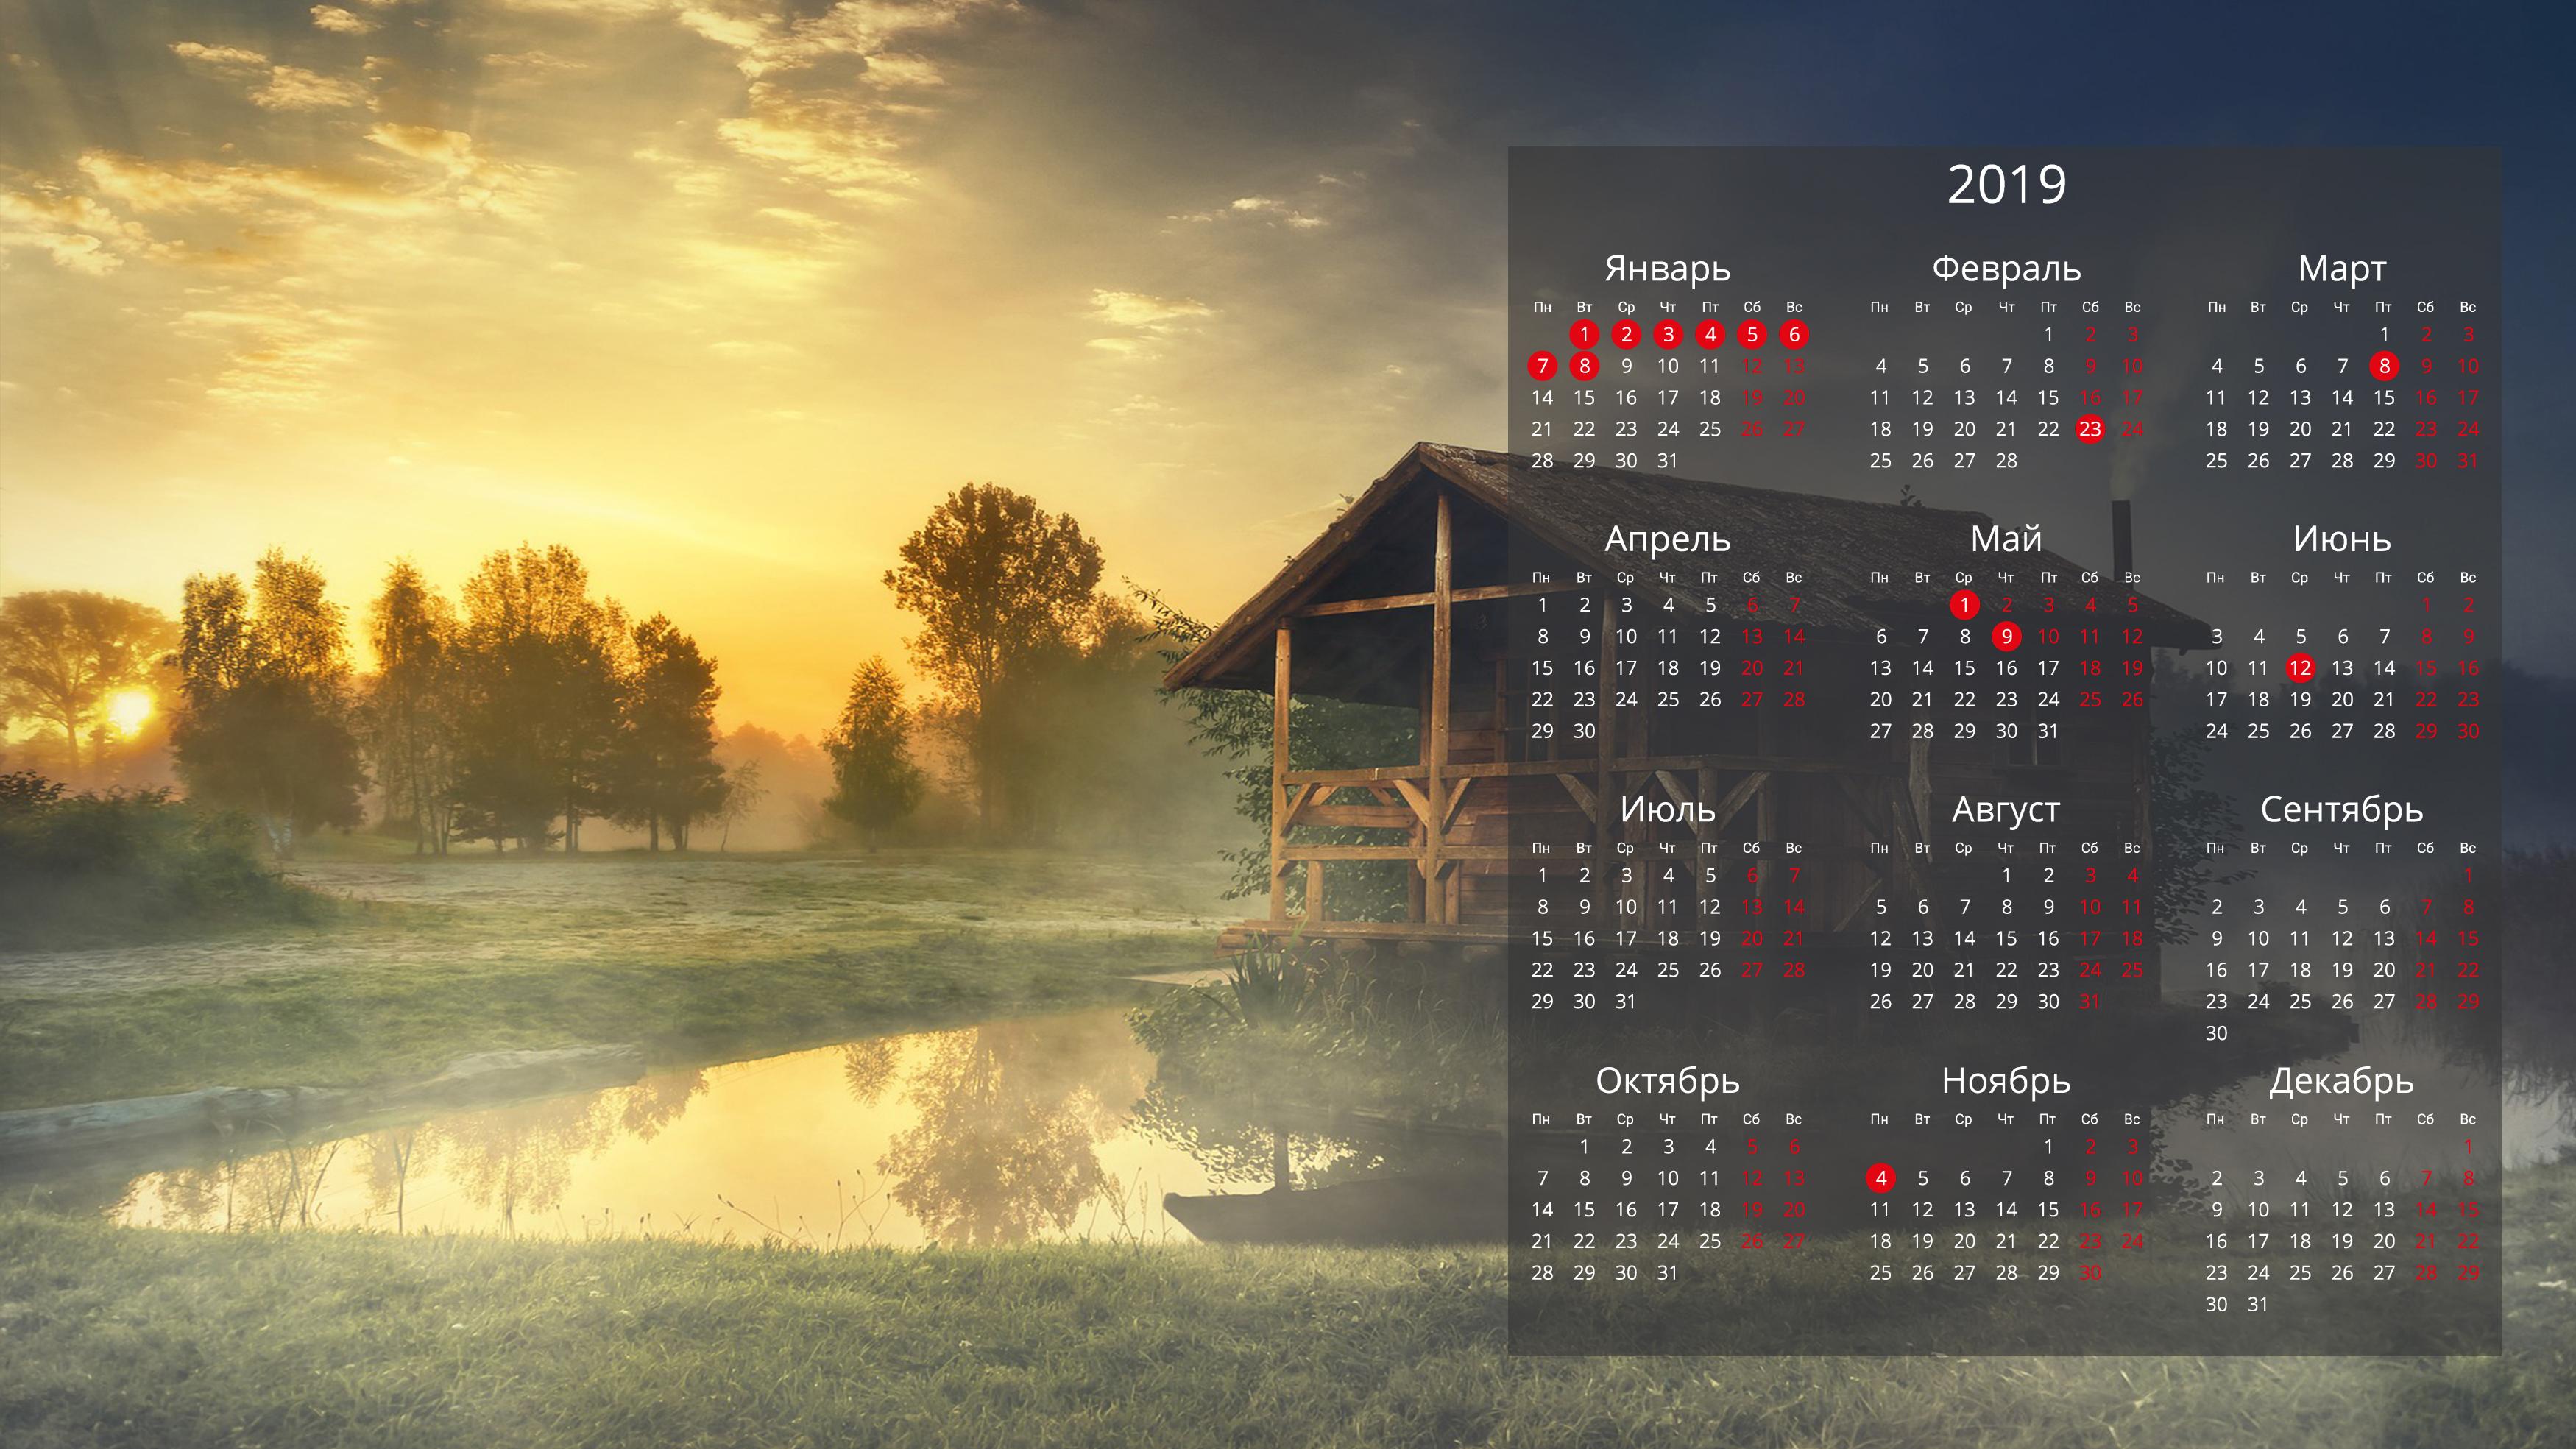 обои на рабочий стол осень календарь 2019 15442